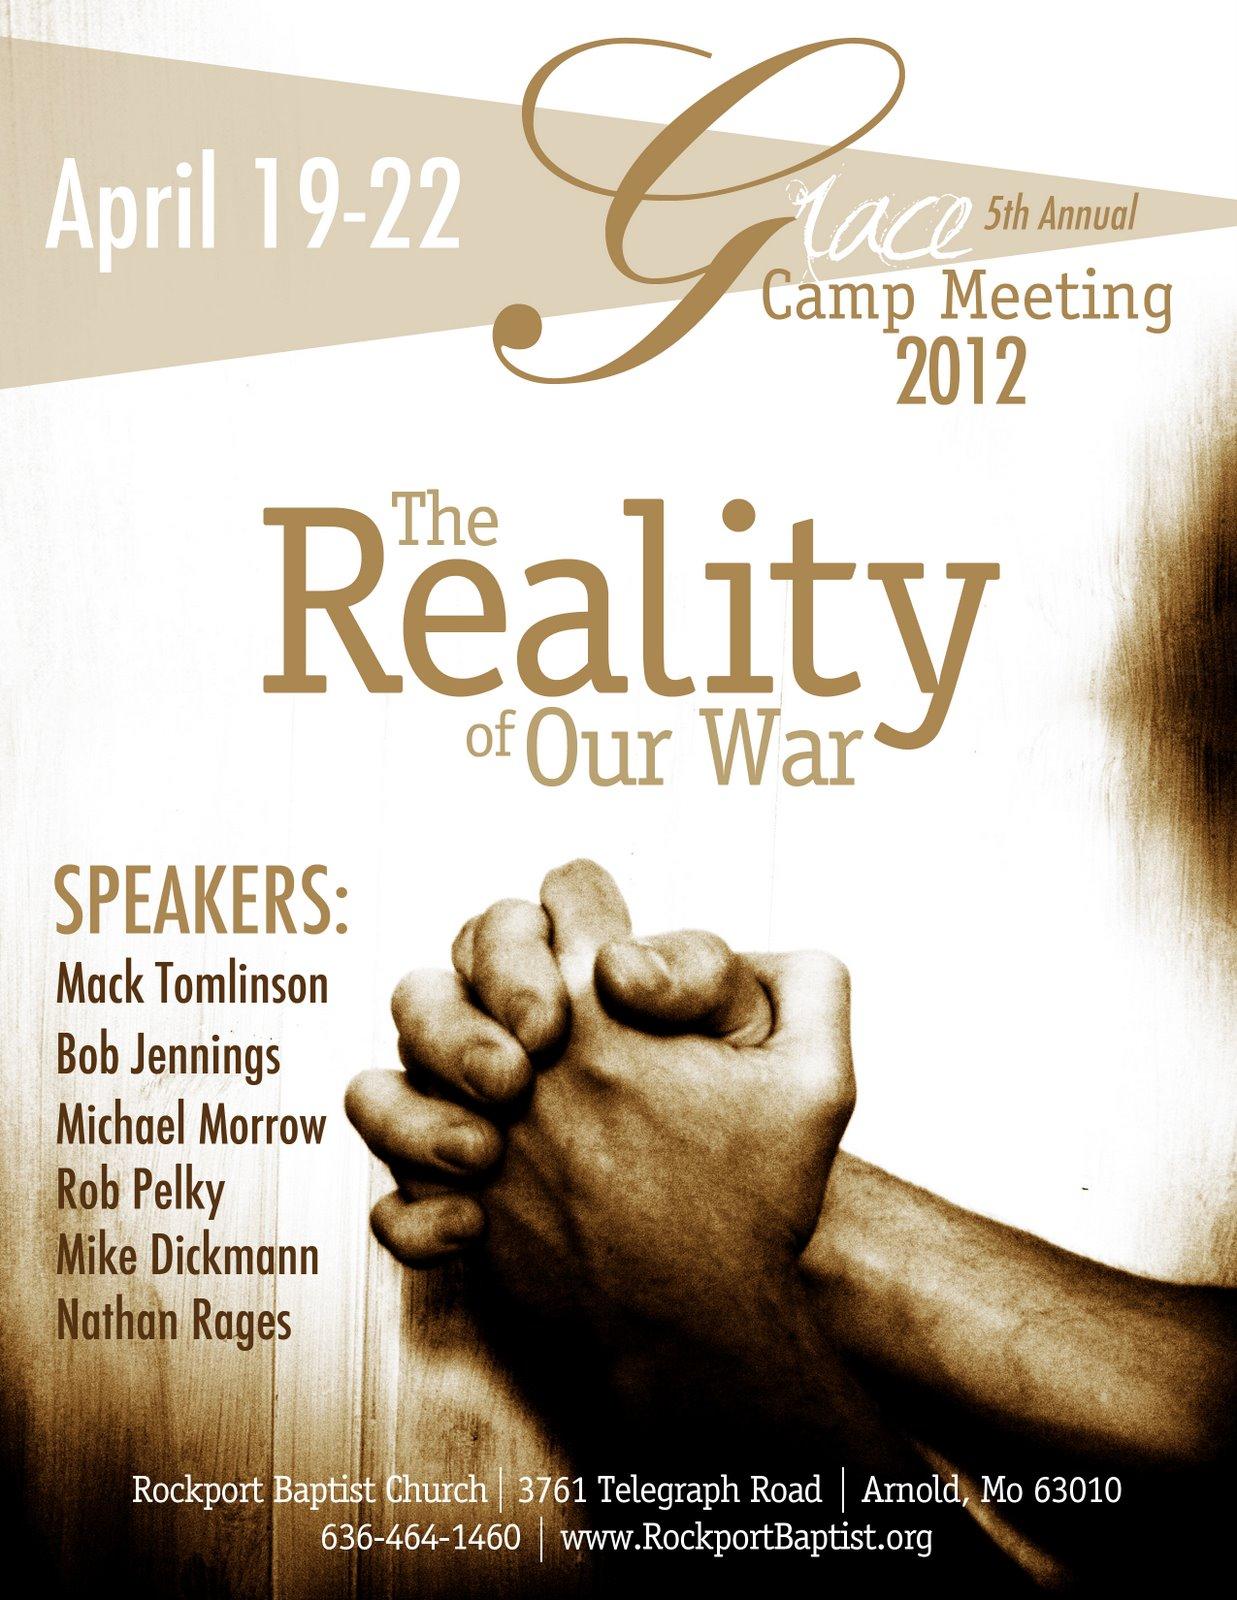 Gospel Meeting Flyer Template